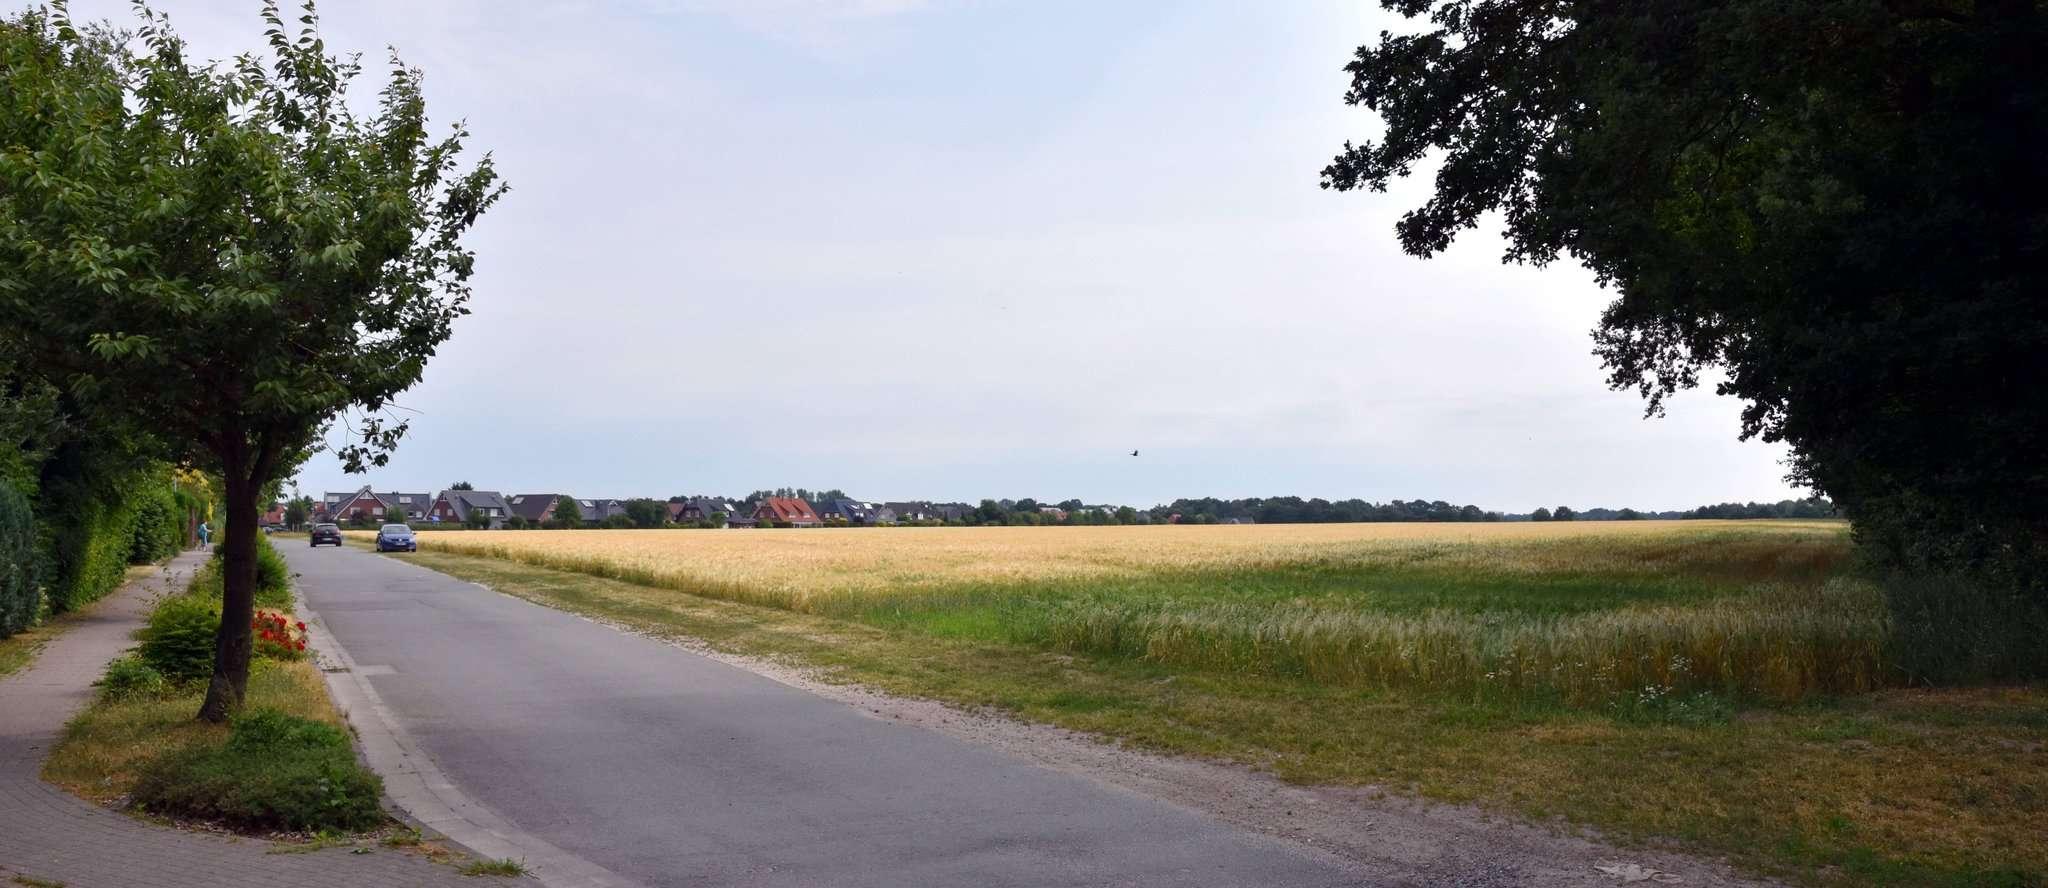 Im Bereich der Stuhmer Straße entsteht ein neues Wohngebiet, das in drei Abschnitten erschlossen werden soll.